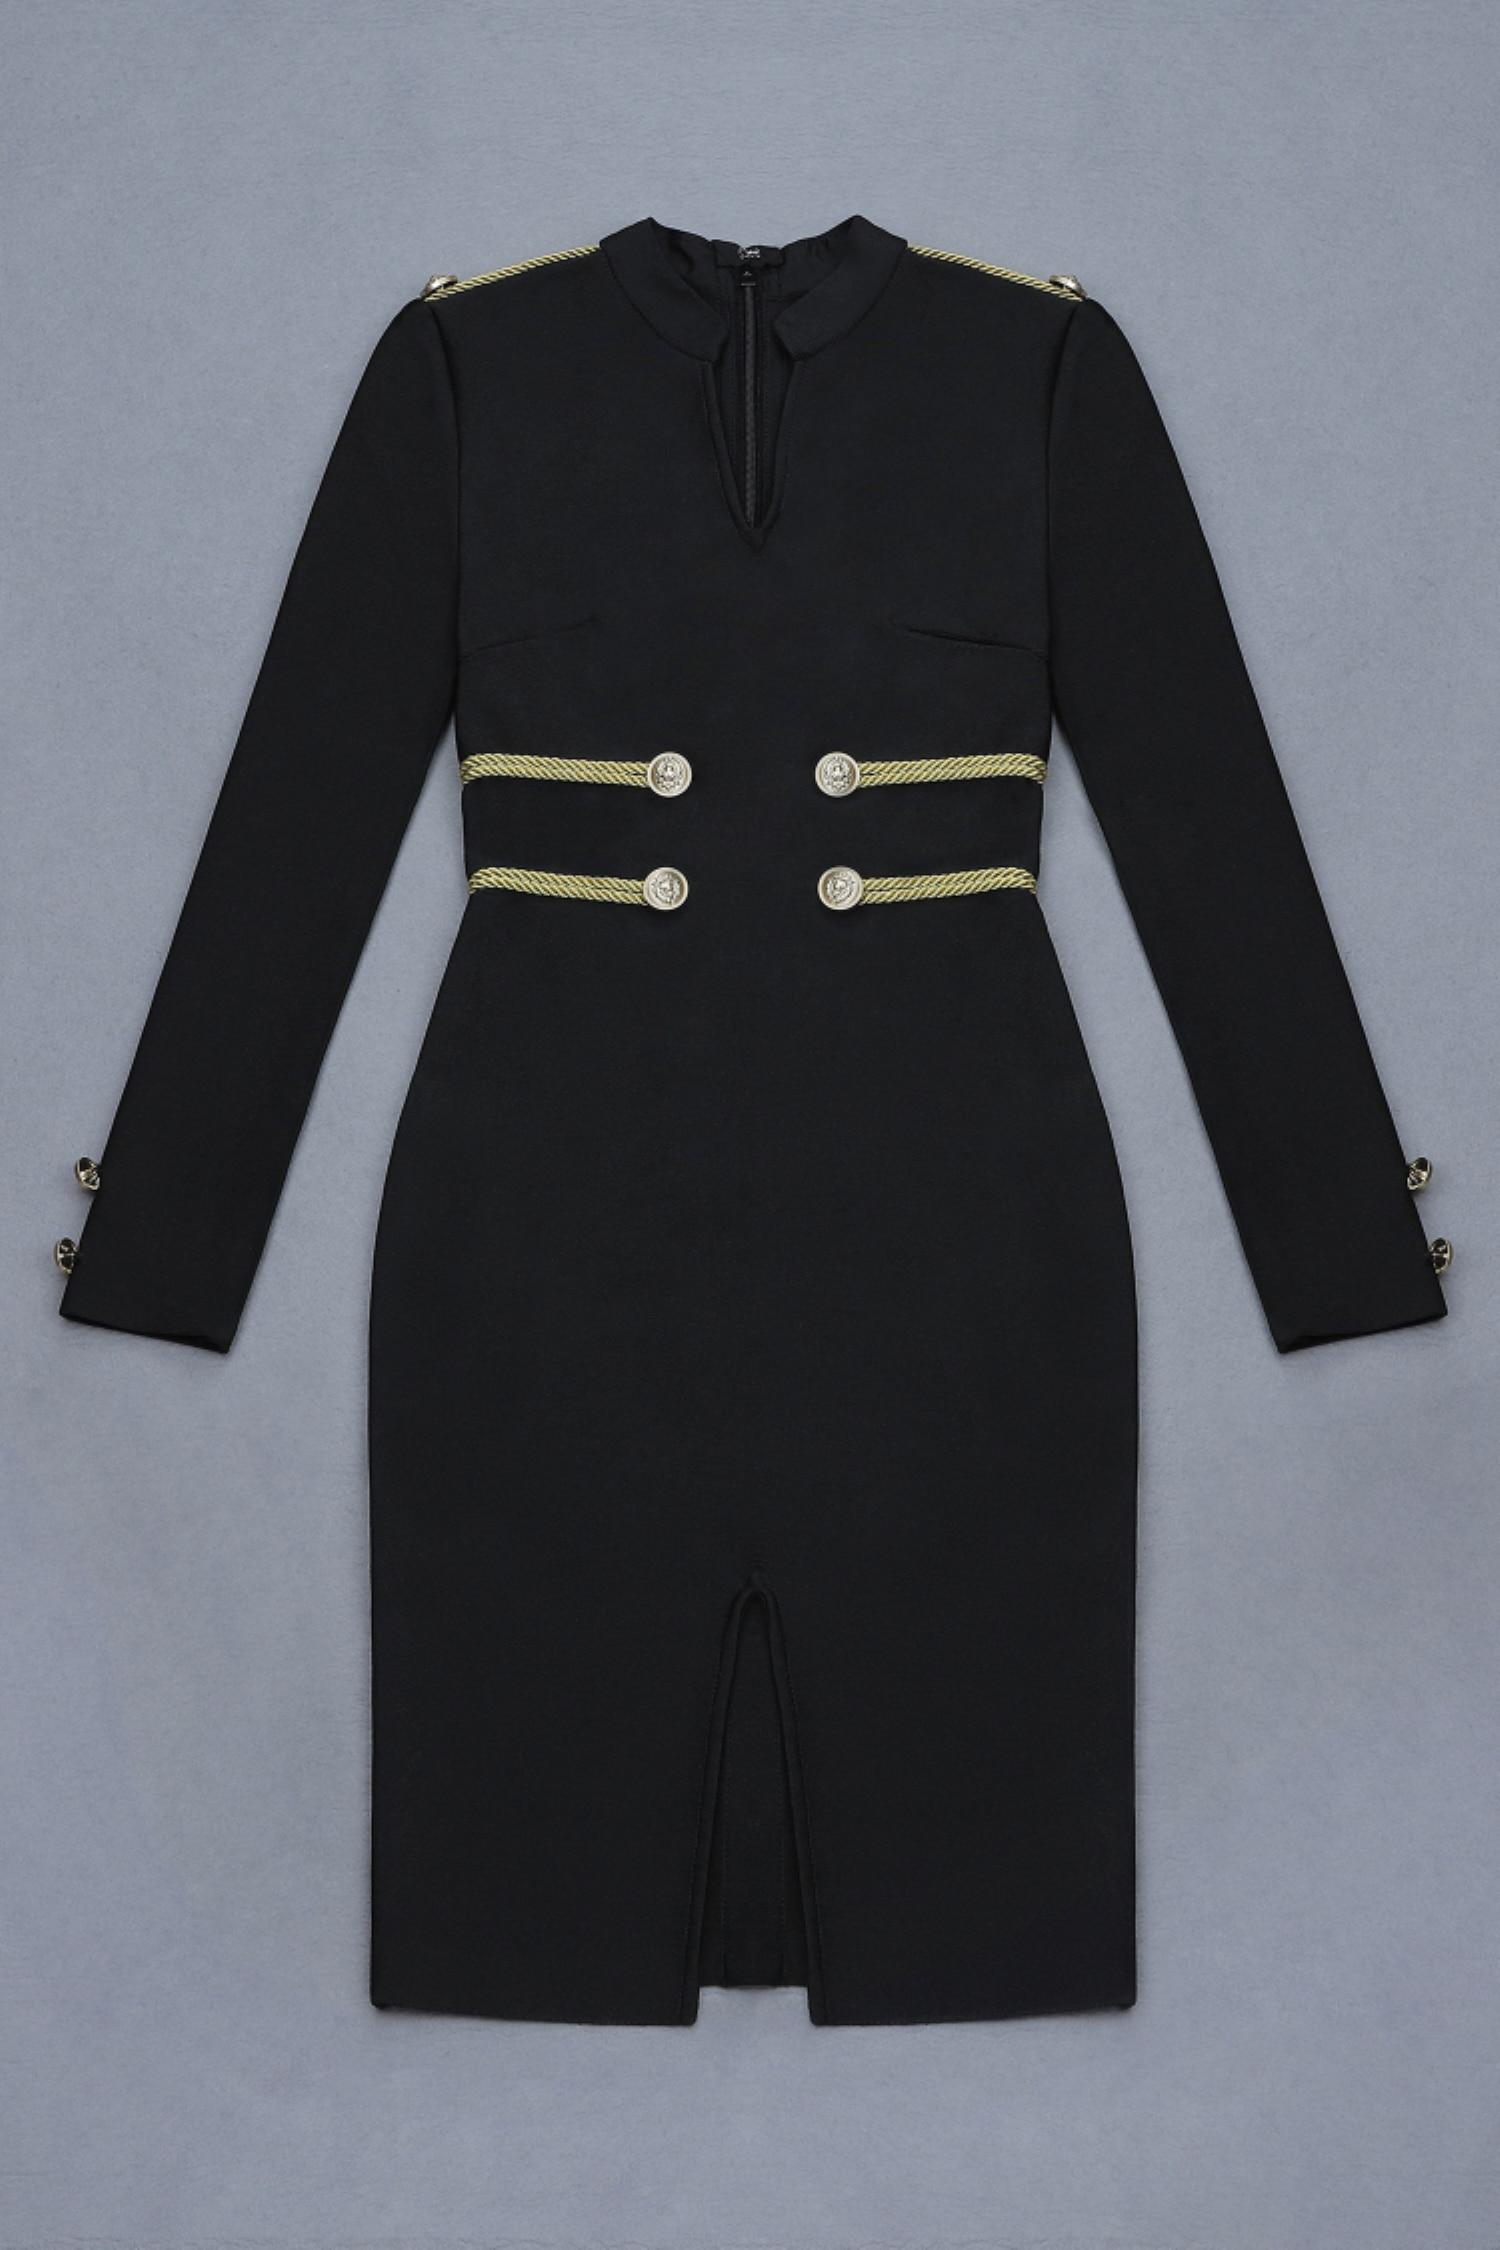 Midi Noir Femmes Sexy À Nouvelle Longues Robe Robes Celebrity De Lacée Club Manches Soirée Élégant Meqeiss Tenue Automne Fête xTFCaA7xq